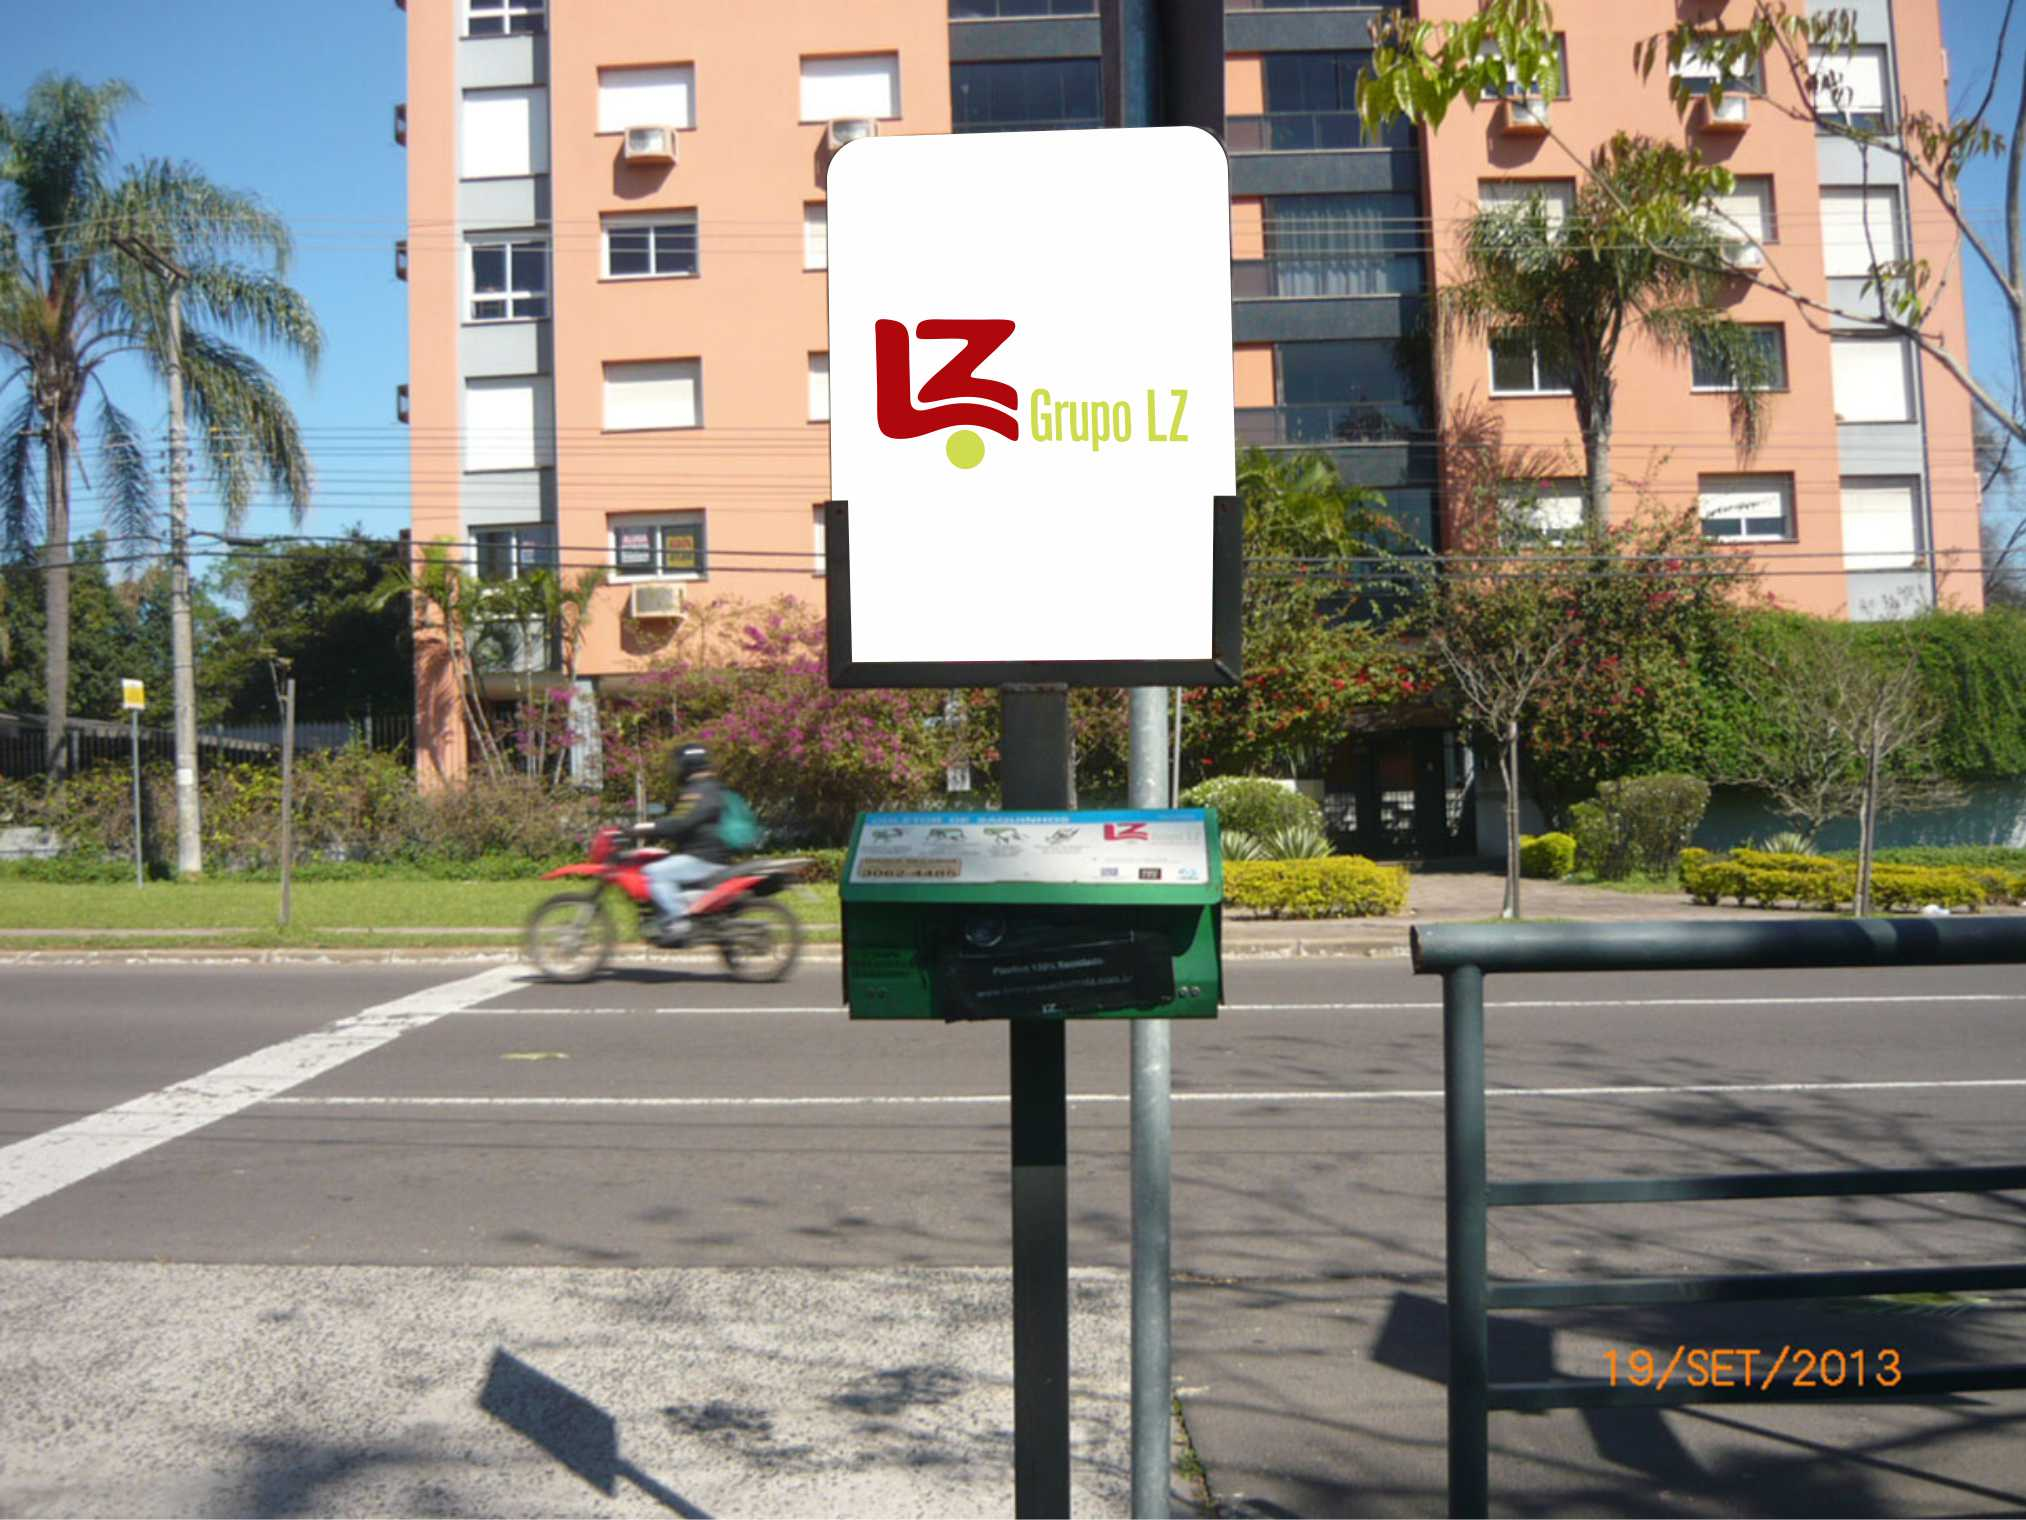 Dispensador de Saquinhos - Grupo LZ